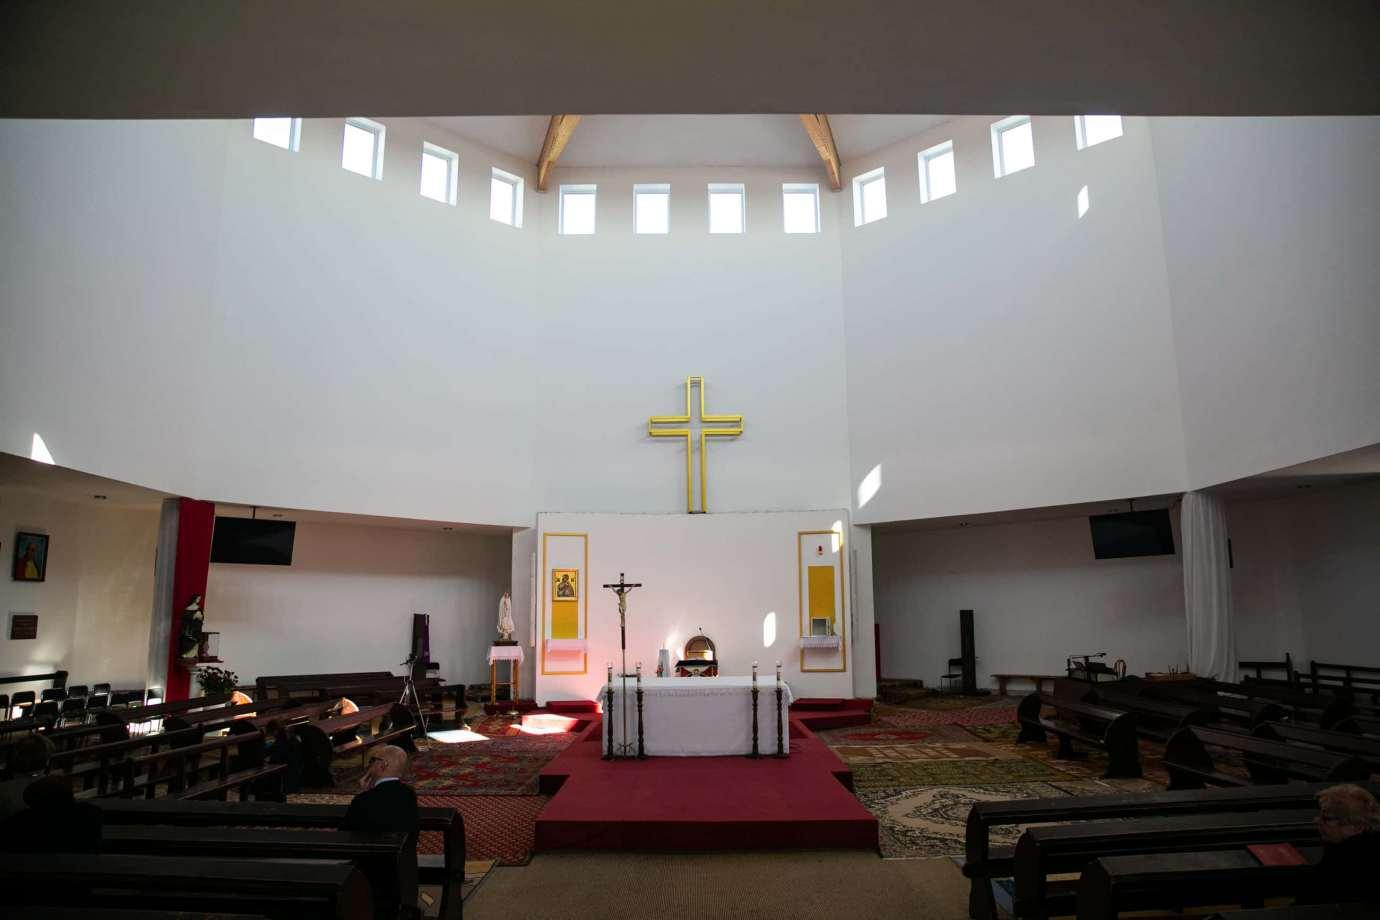 parafia pw swietej bozej opatrznosci w zamosciu 4 Zdjęcia grobów pańskich w zamojskich świątyniach